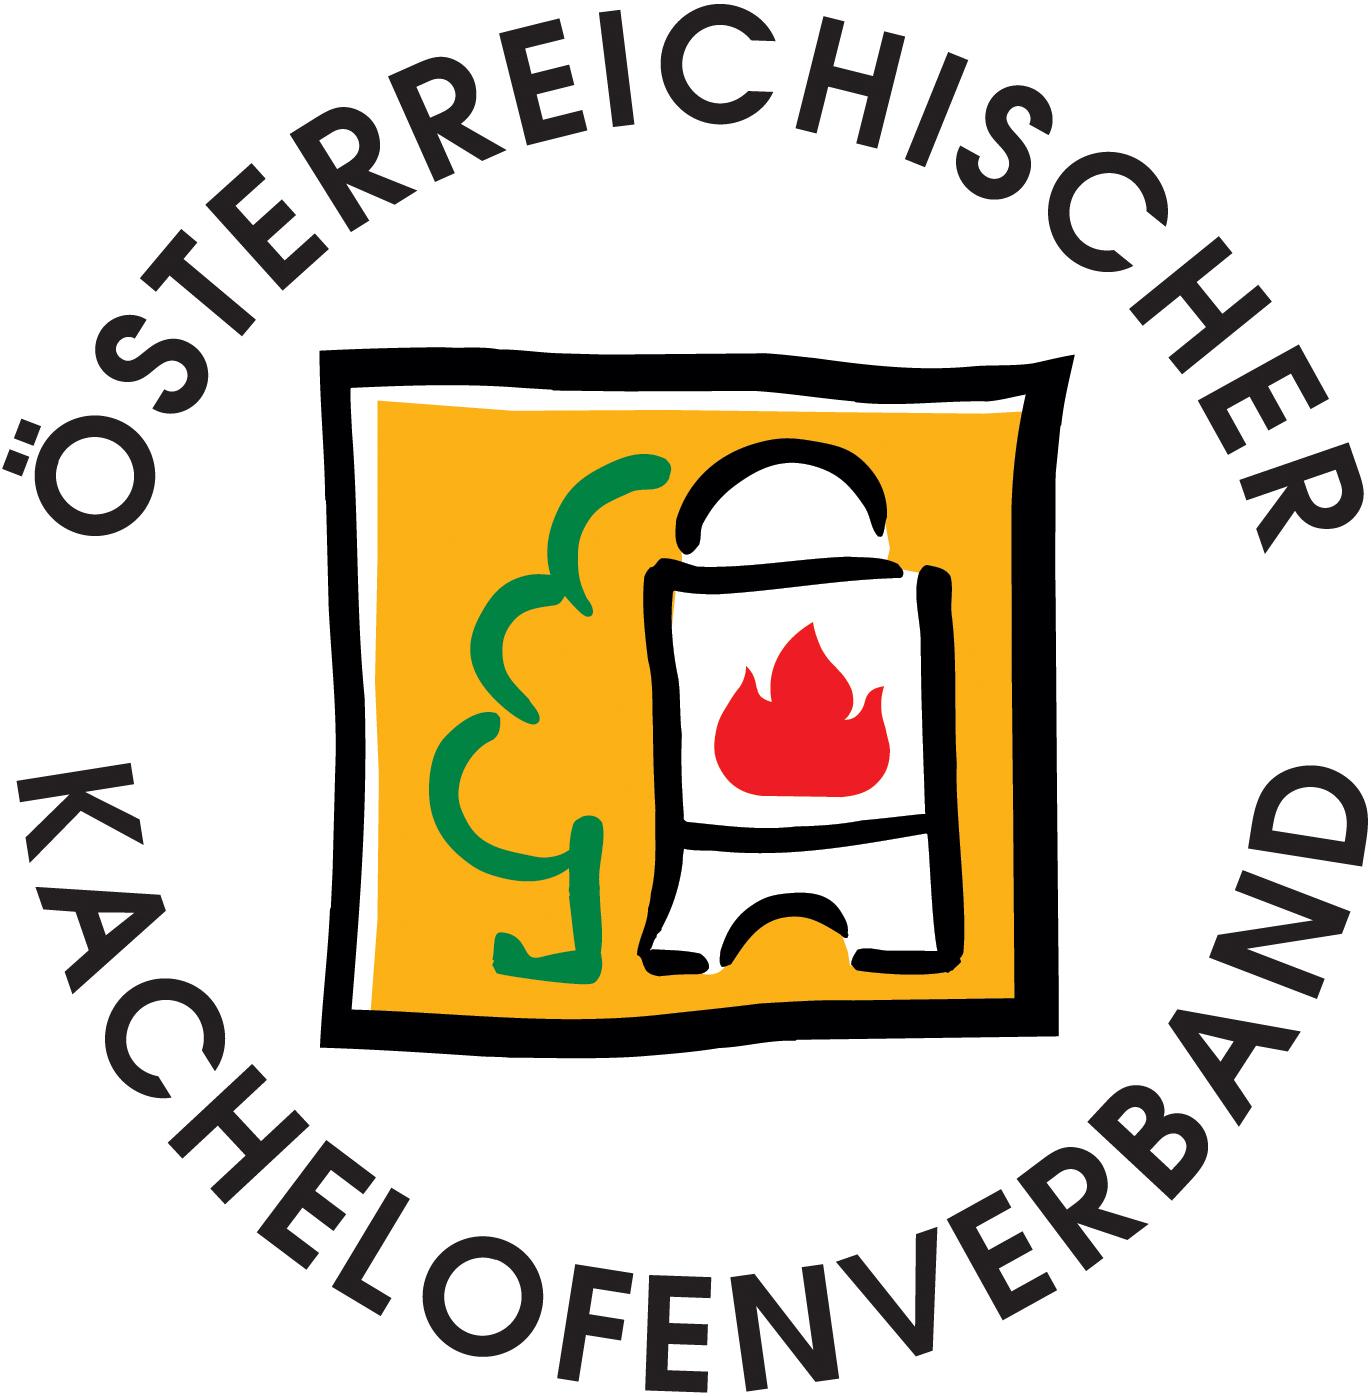 Österreichischer Kachelofenverband